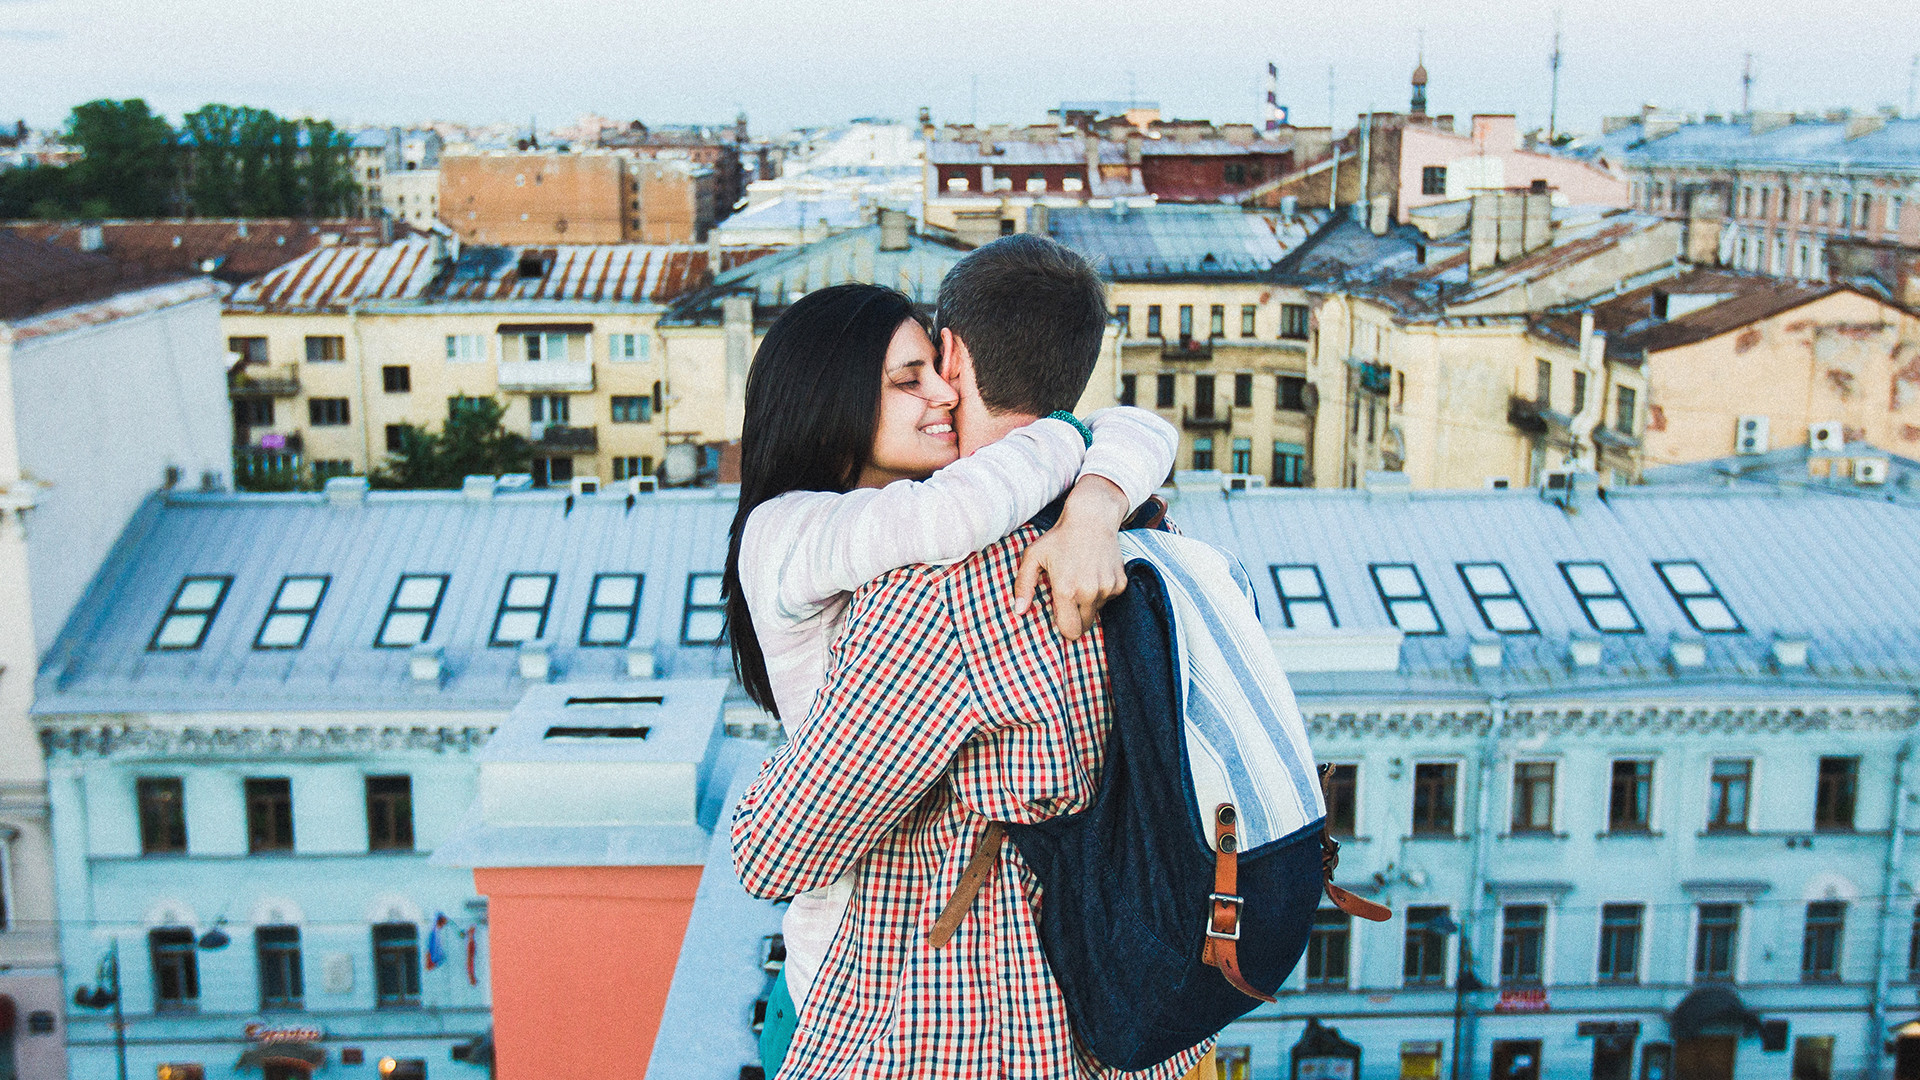 Dating voor demonen door Serena Robar gratis online speed dating geen registratie